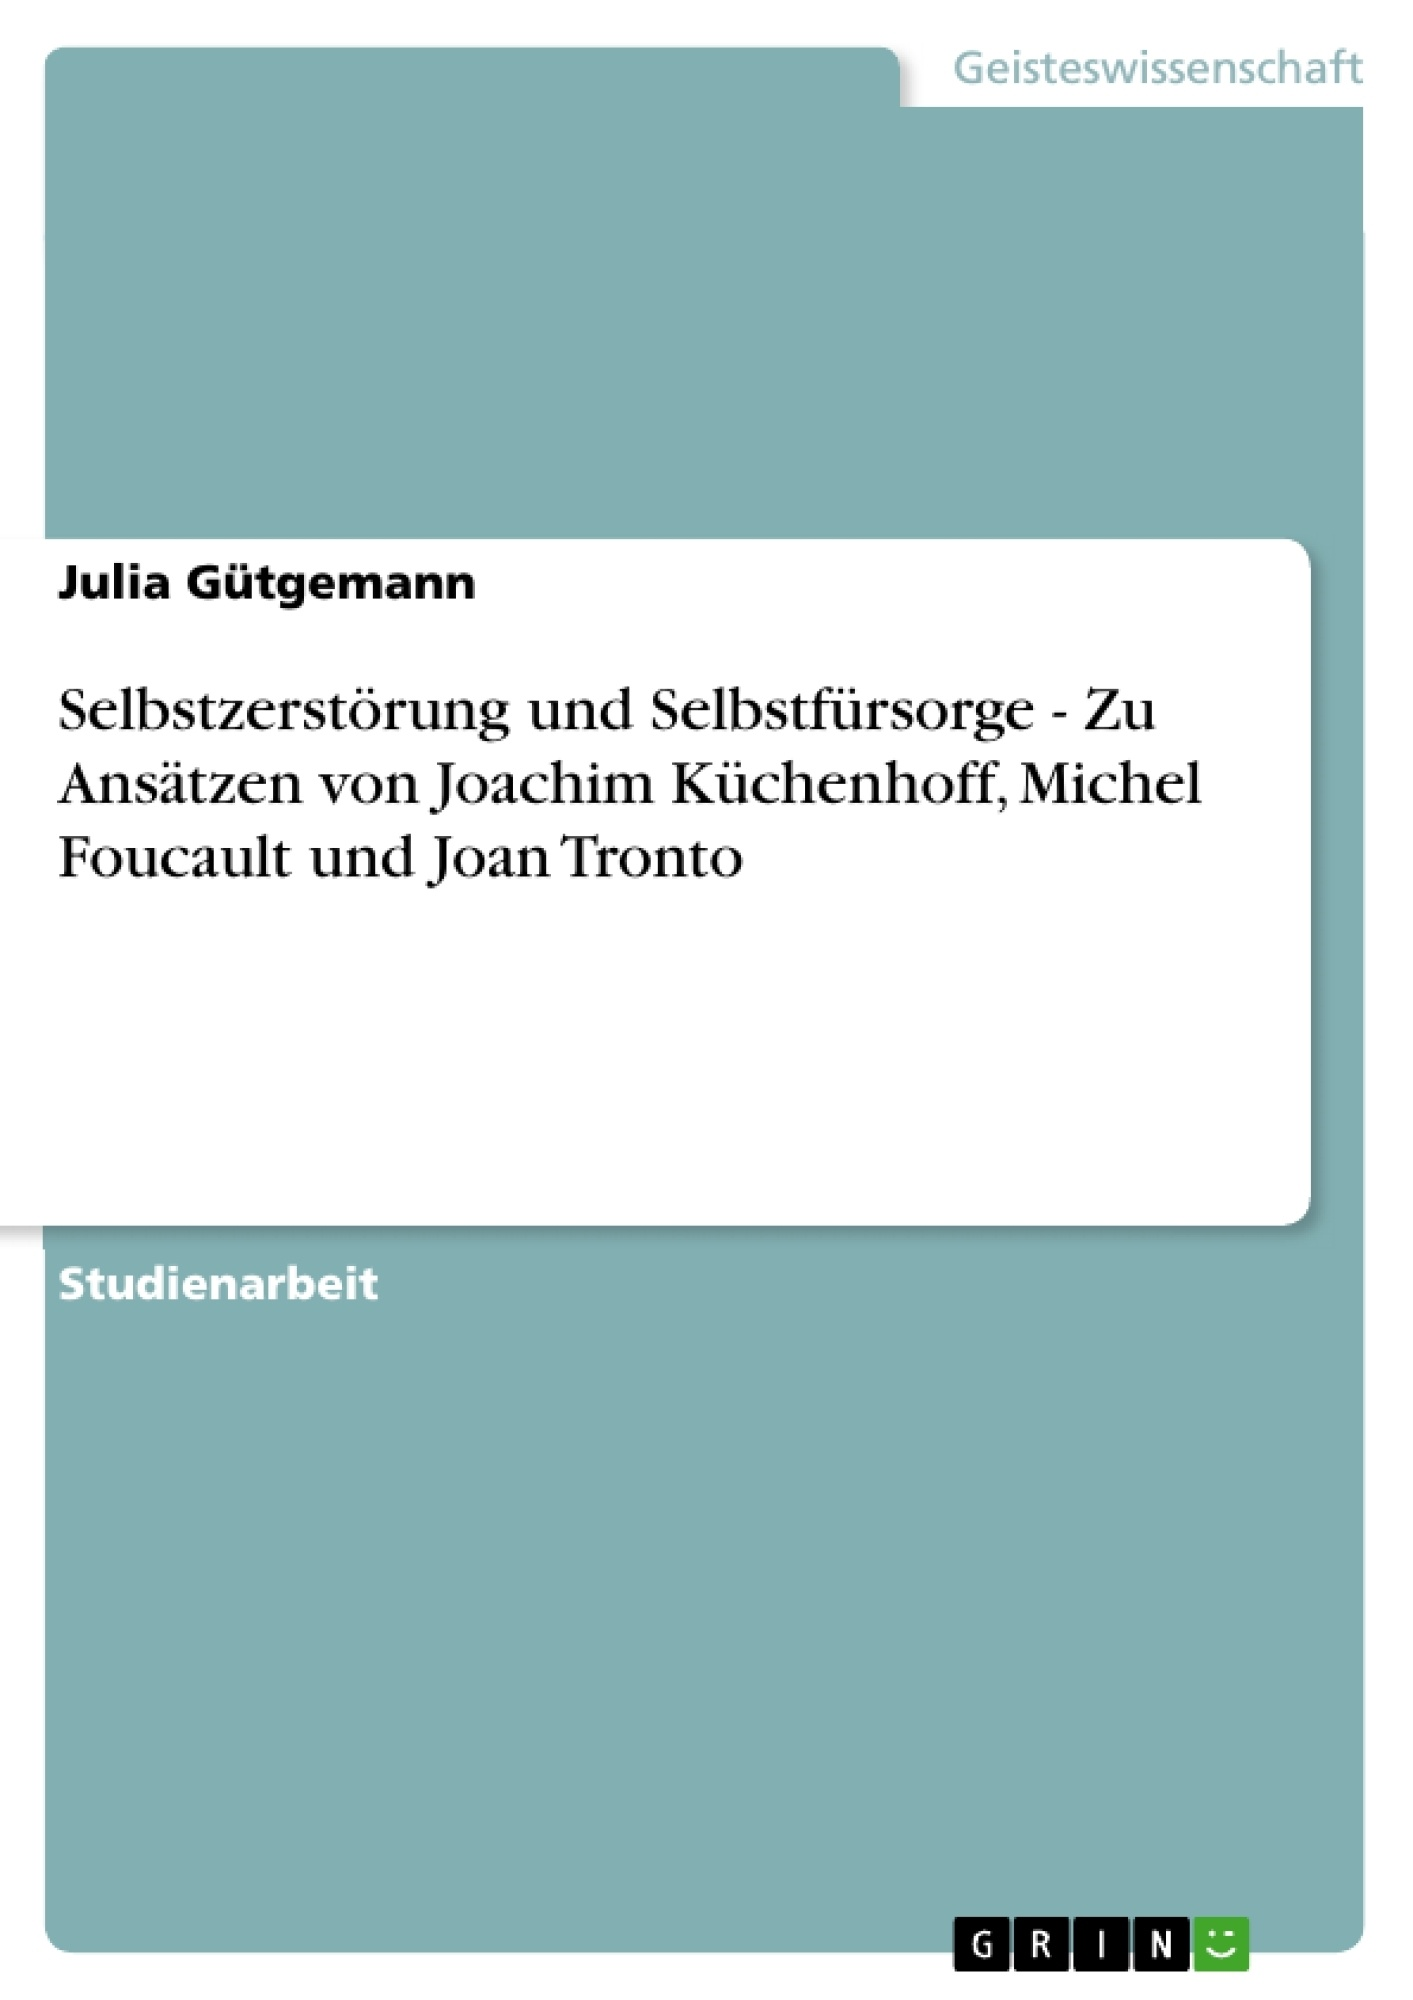 Titel: Selbstzerstörung und Selbstfürsorge - Zu Ansätzen von Joachim Küchenhoff, Michel Foucault und Joan Tronto